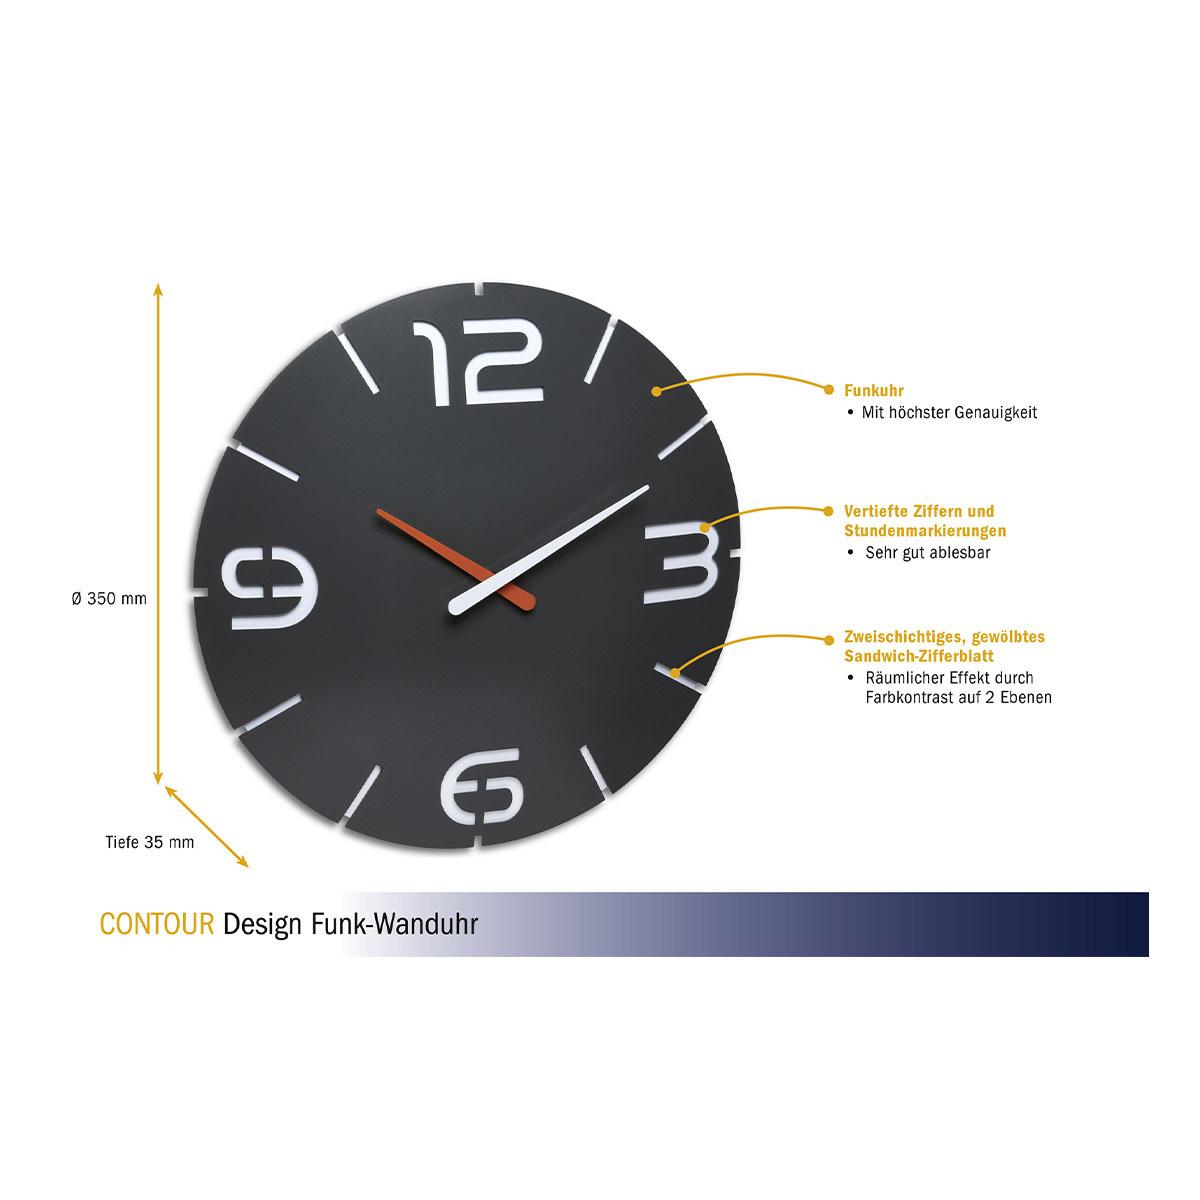 60-3536-10-design-funk-wanduhr-contour-abmessungen-1200x1200px.jpg